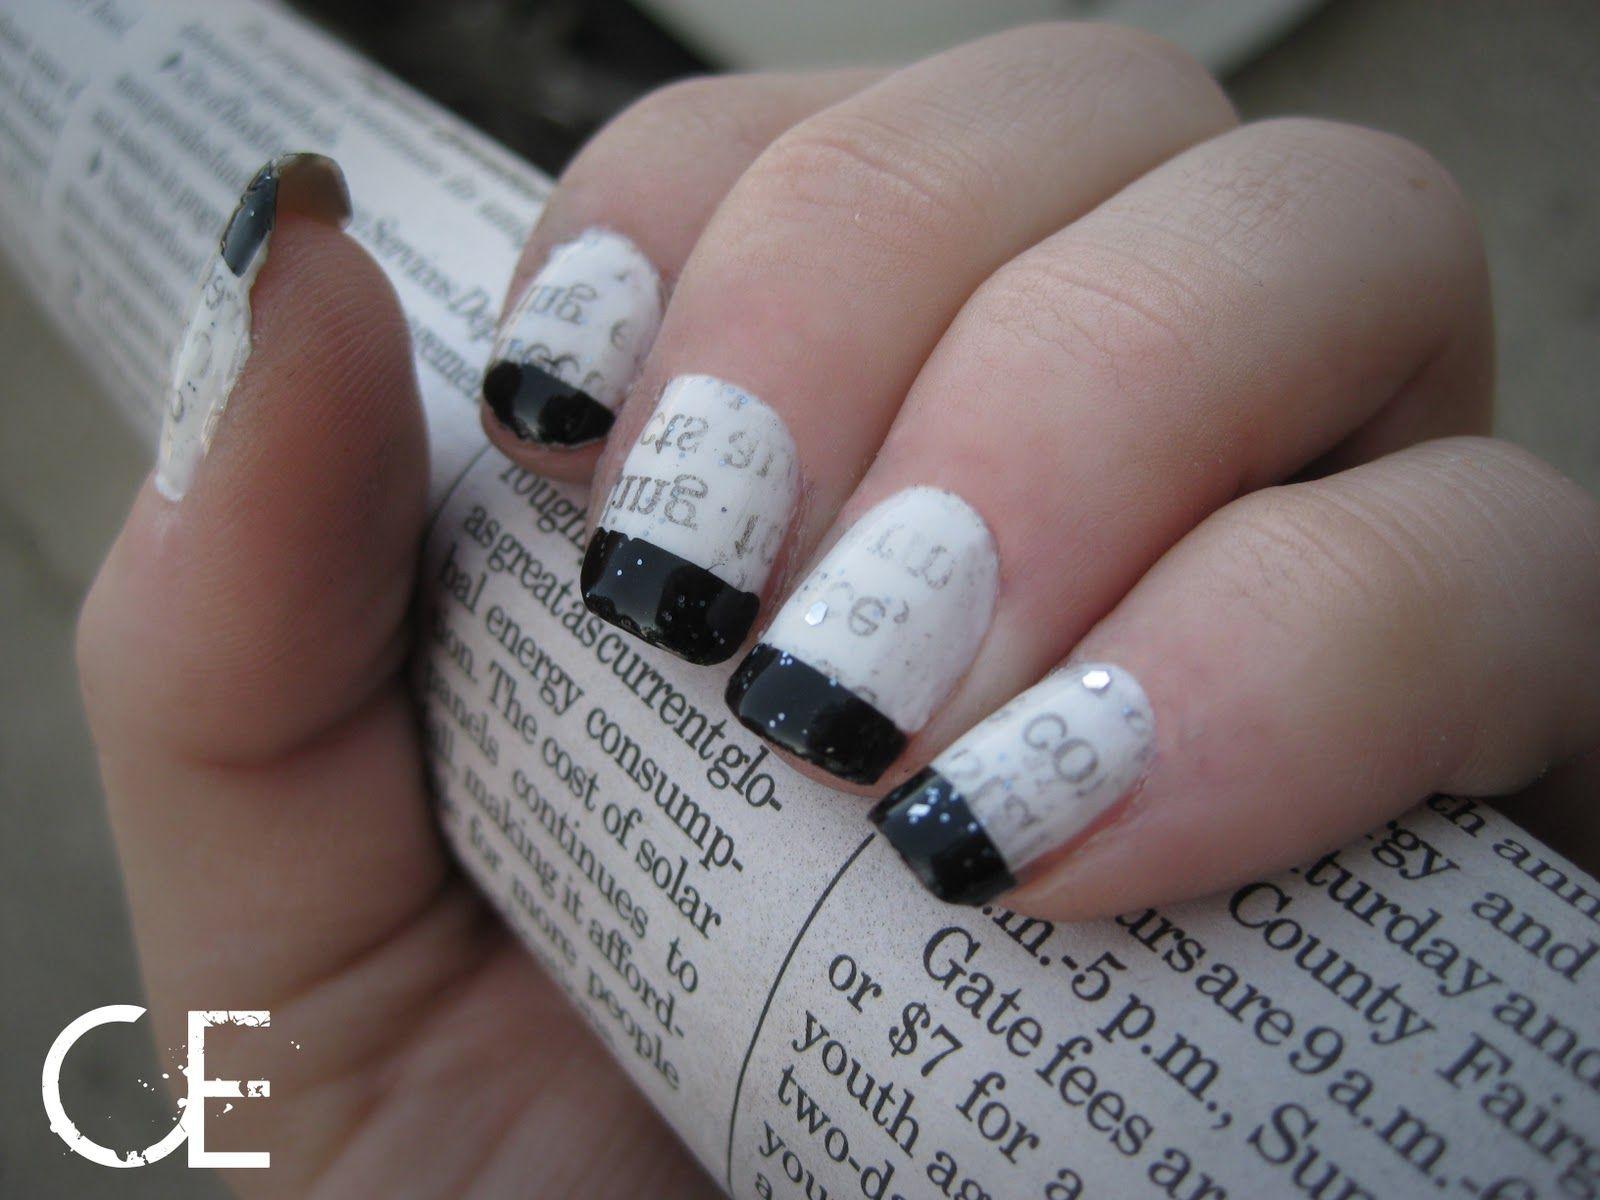 newsprint nails | Newsprint Nails! | Nails | Pinterest | Newsprint ...